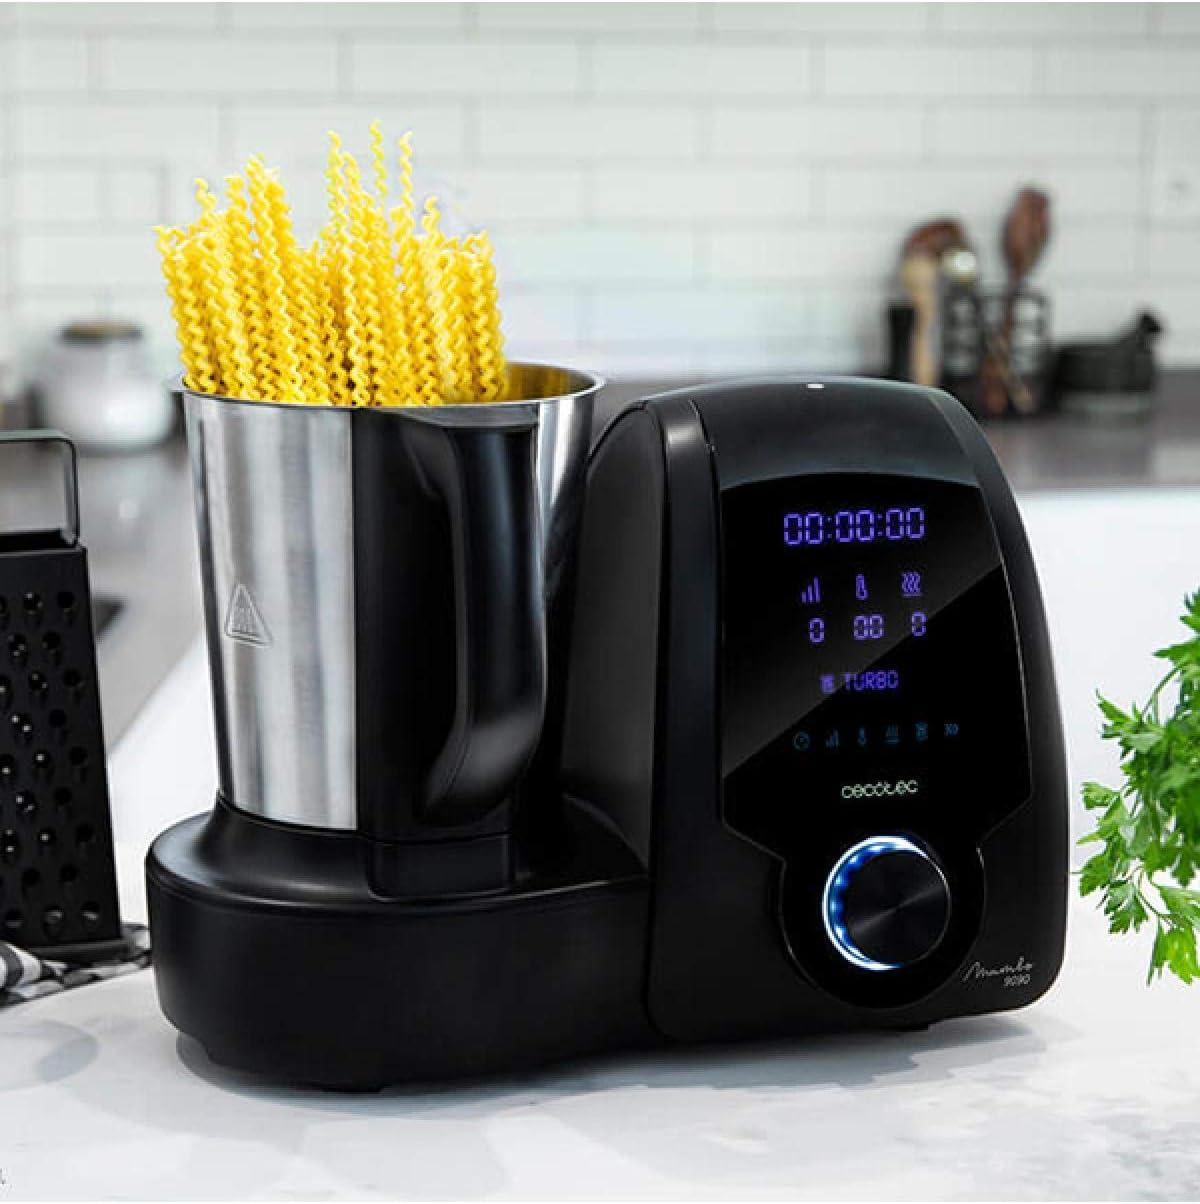 Modo de uso Robot de Cocina Cecotec Mambo 9090